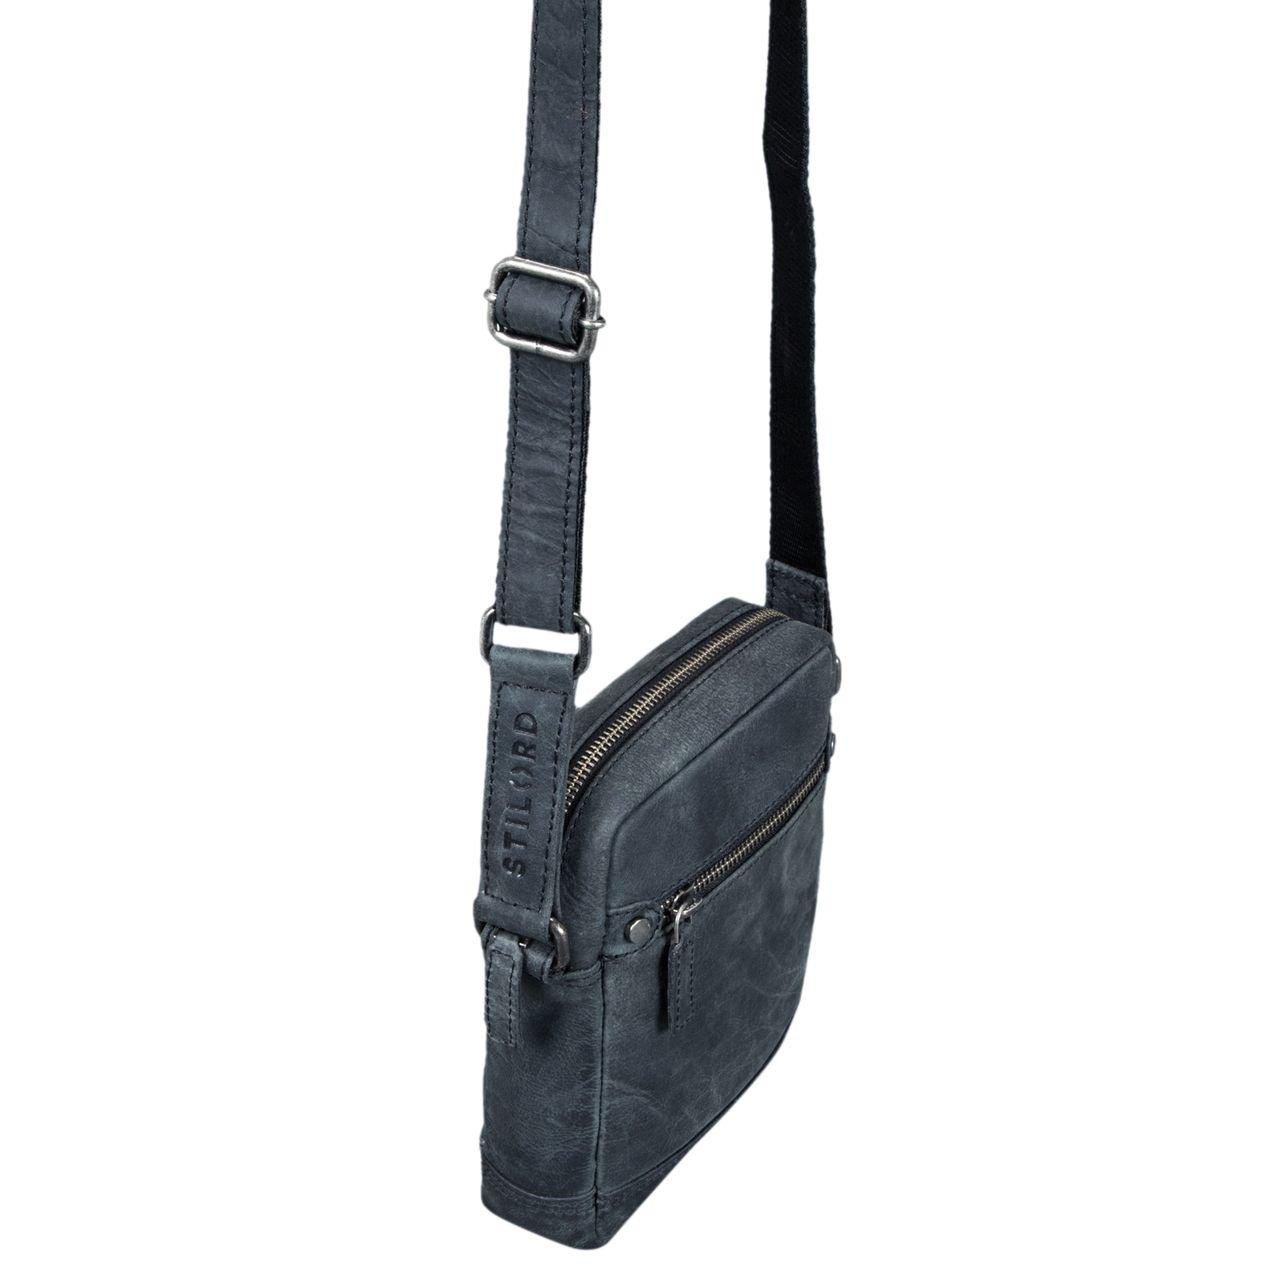 3ec0c551ddee5 STILORD  Pepe  Vintage Schultertasche Herren Leder klein Umhängetasche für  Männer kompakte Cross Body Bag mit Schultergurt und Reißverschluss aus  echtem ...